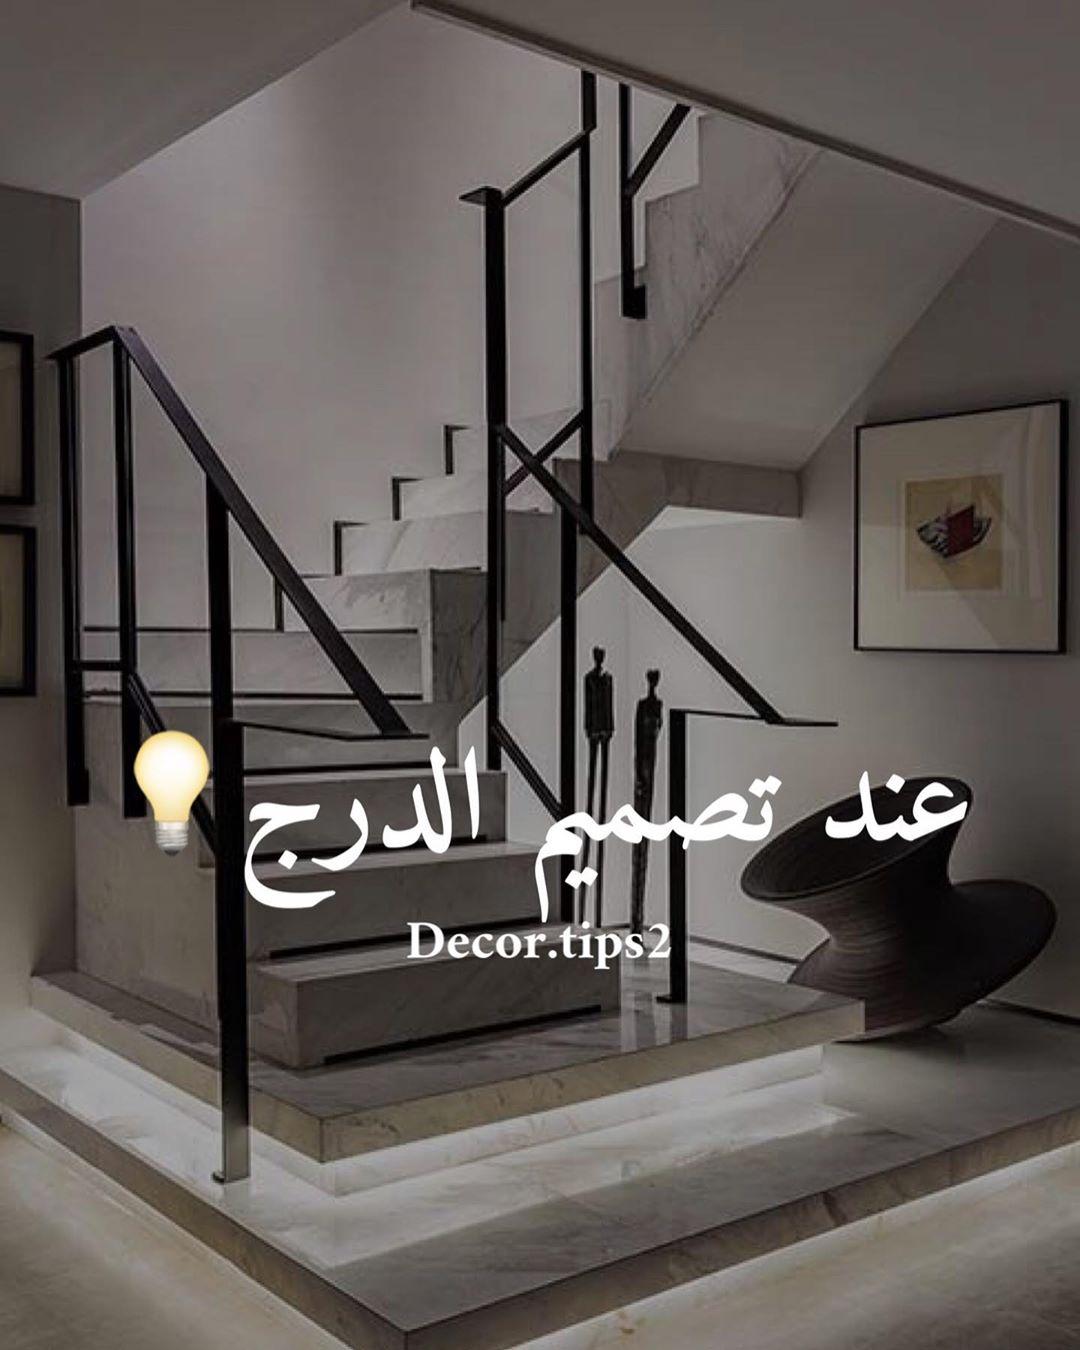 . عند تصميم الدرج، ميز الدرجات الأولى بحيث تكون مساحتها أكبر ومختلفة عن باقي ال